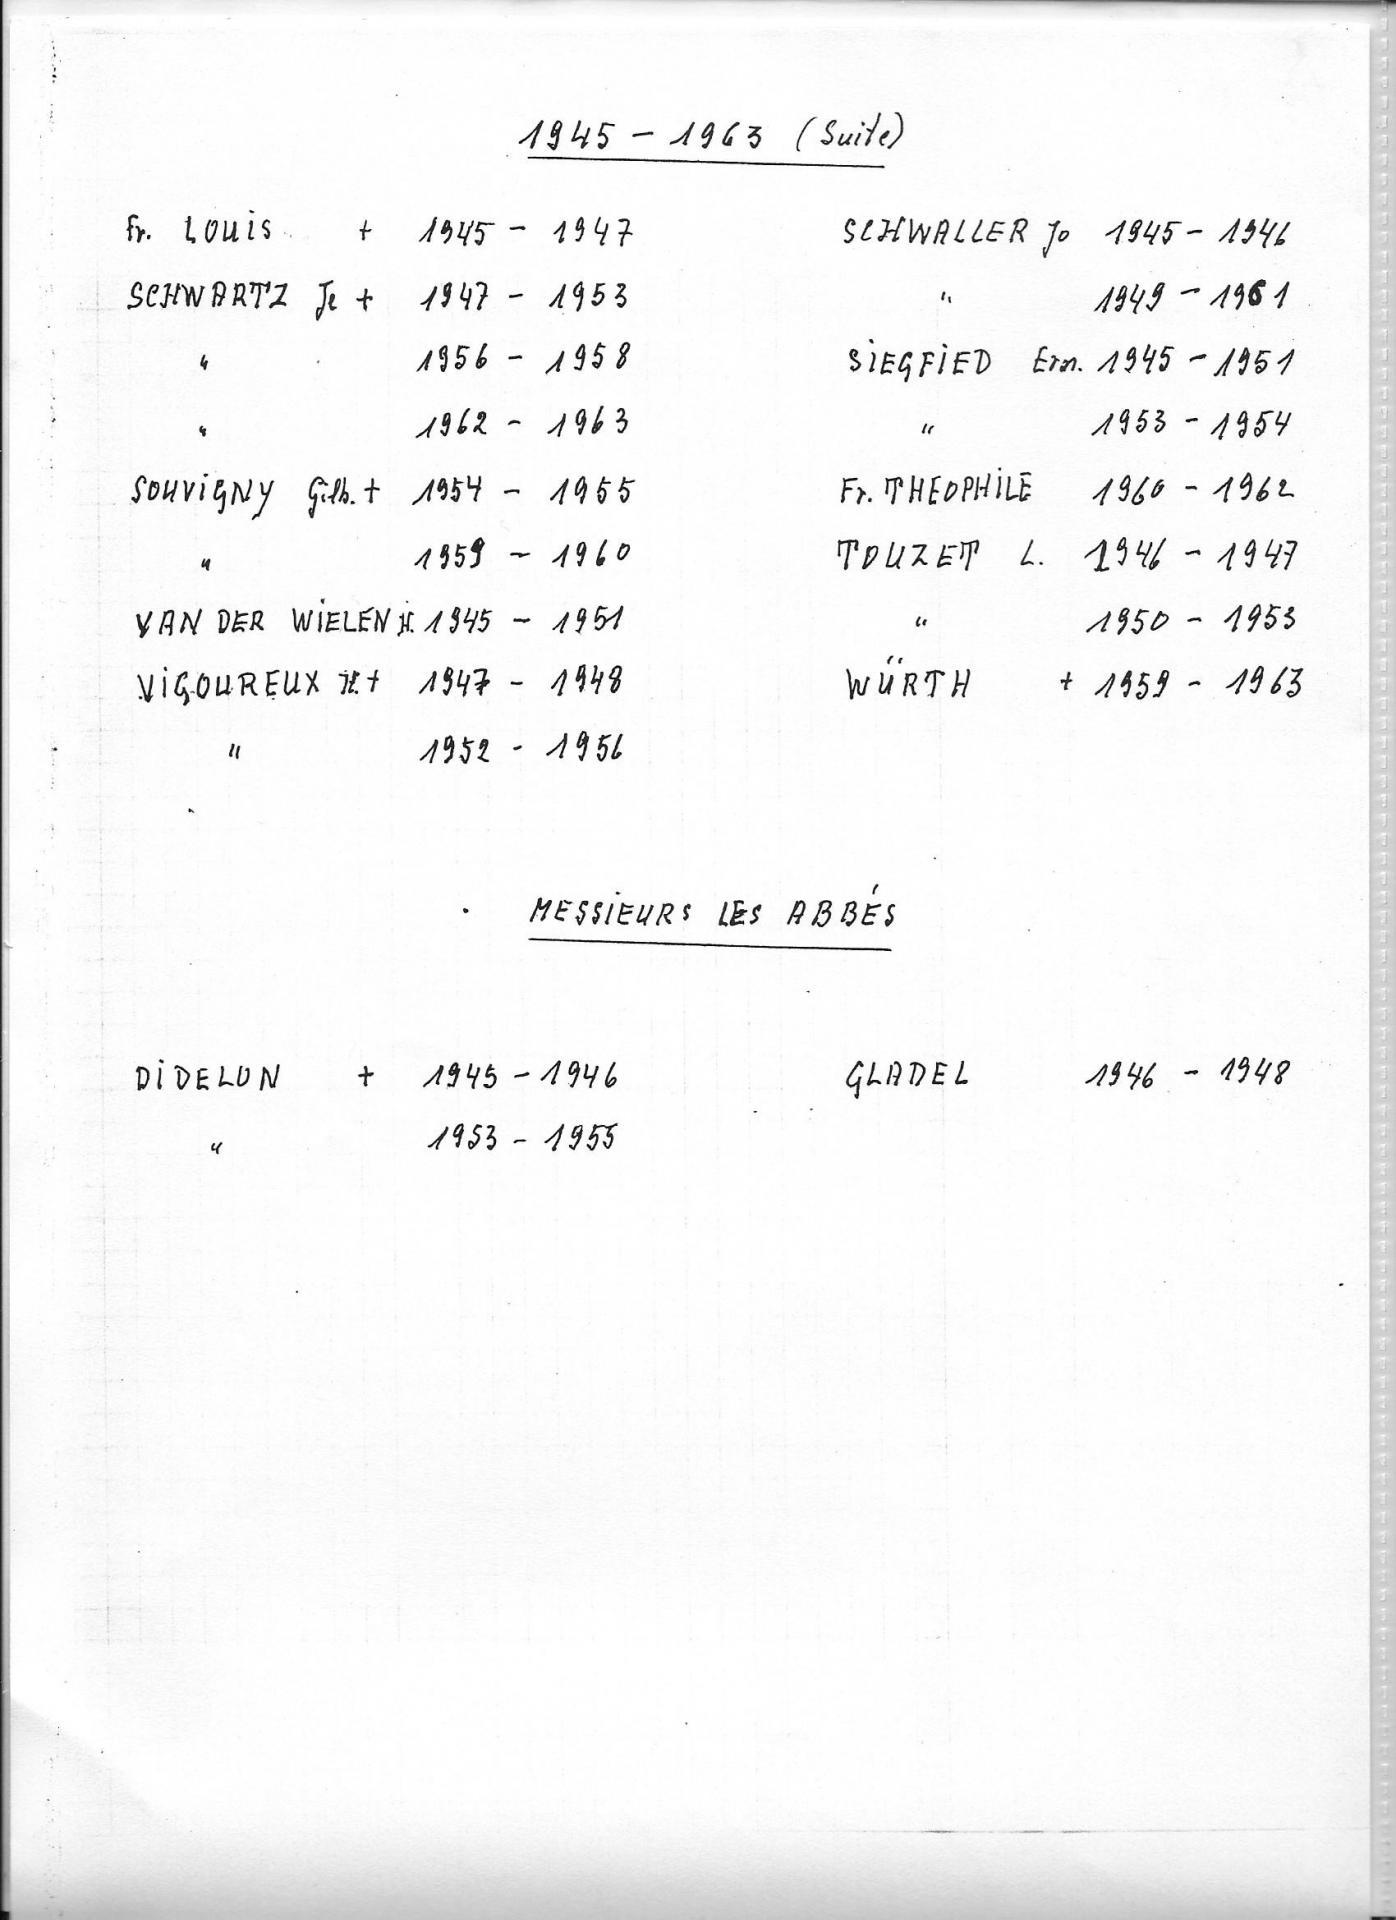 Peres 1945 1963 2